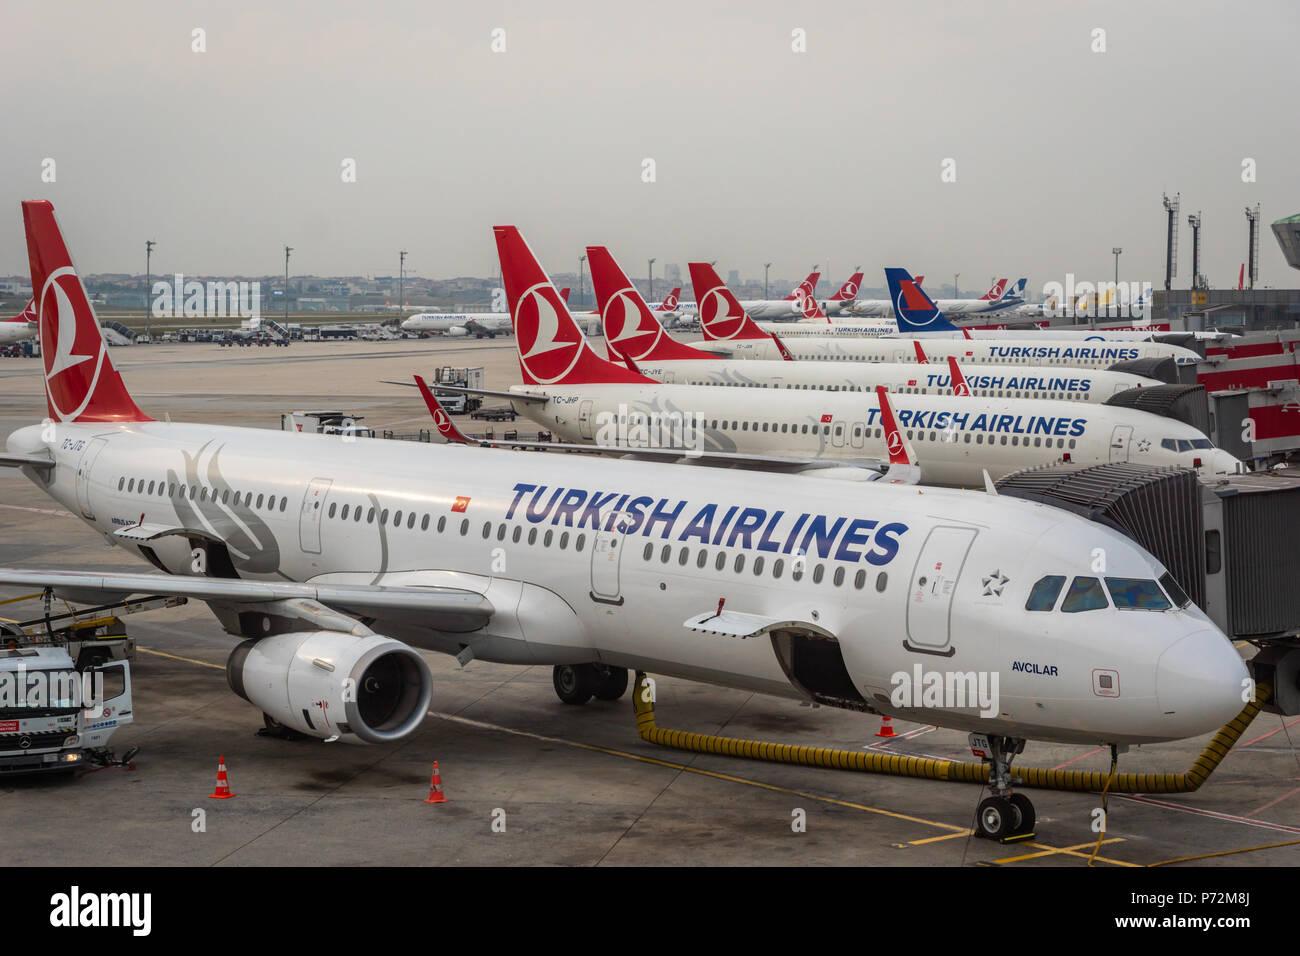 Estambul, Turquía - Junio de 2018: Turkish Airlines aviones en la pista del aeropuerto Atatürk de Estambul. Turkish Airlines es la compañía aérea nacional airli Foto de stock